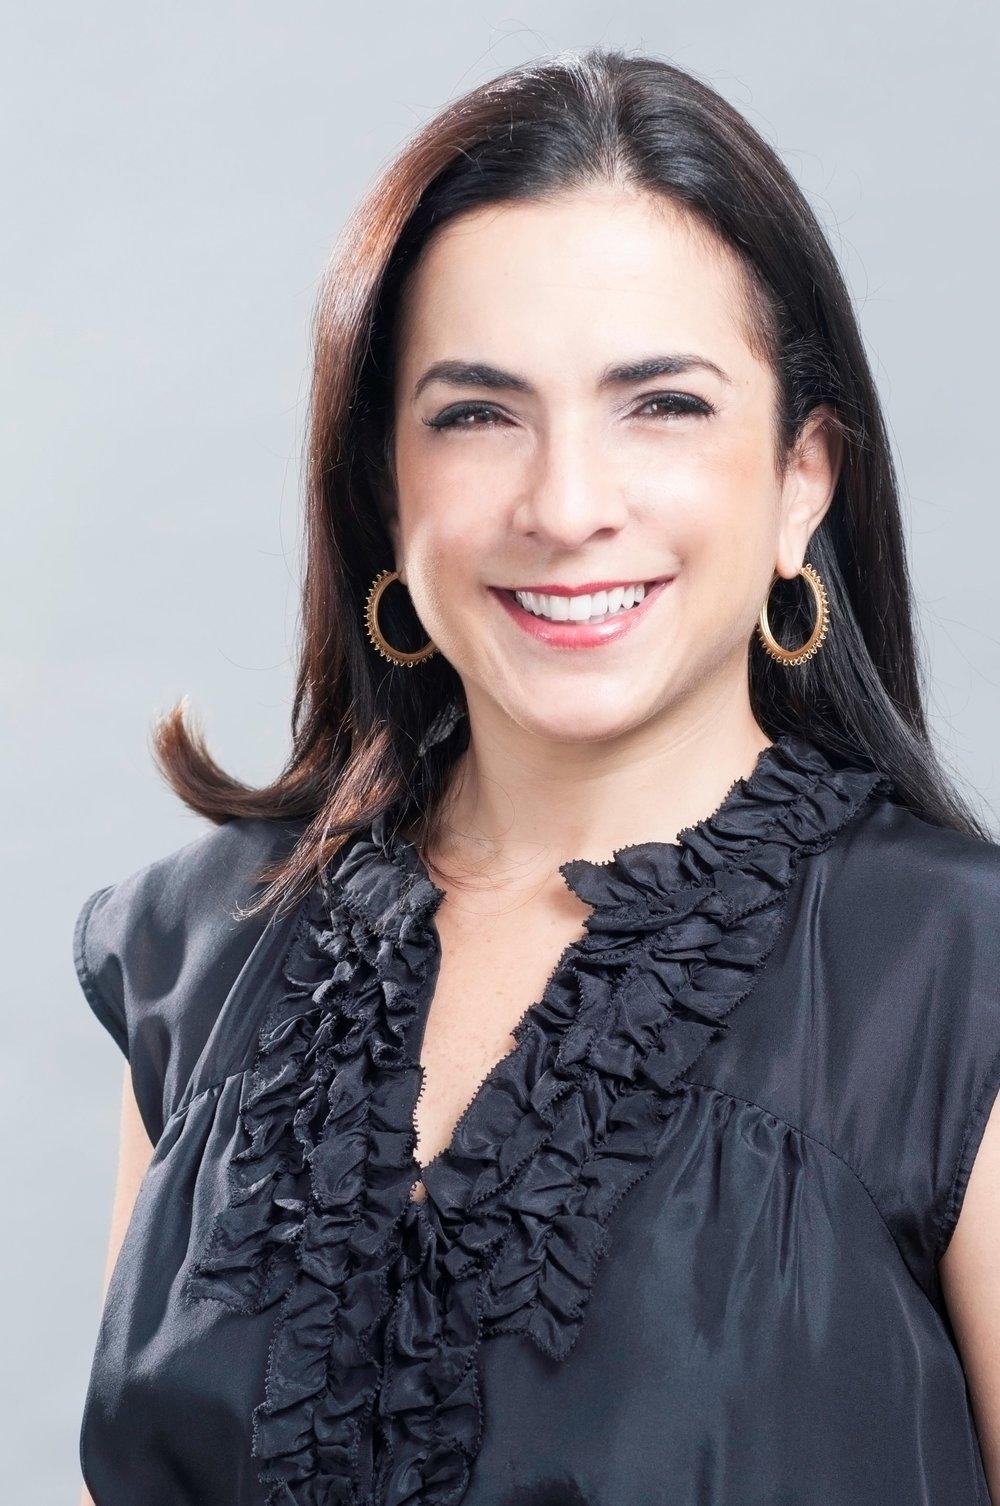 Marta Michelle Colón, Founder of Buena Gente